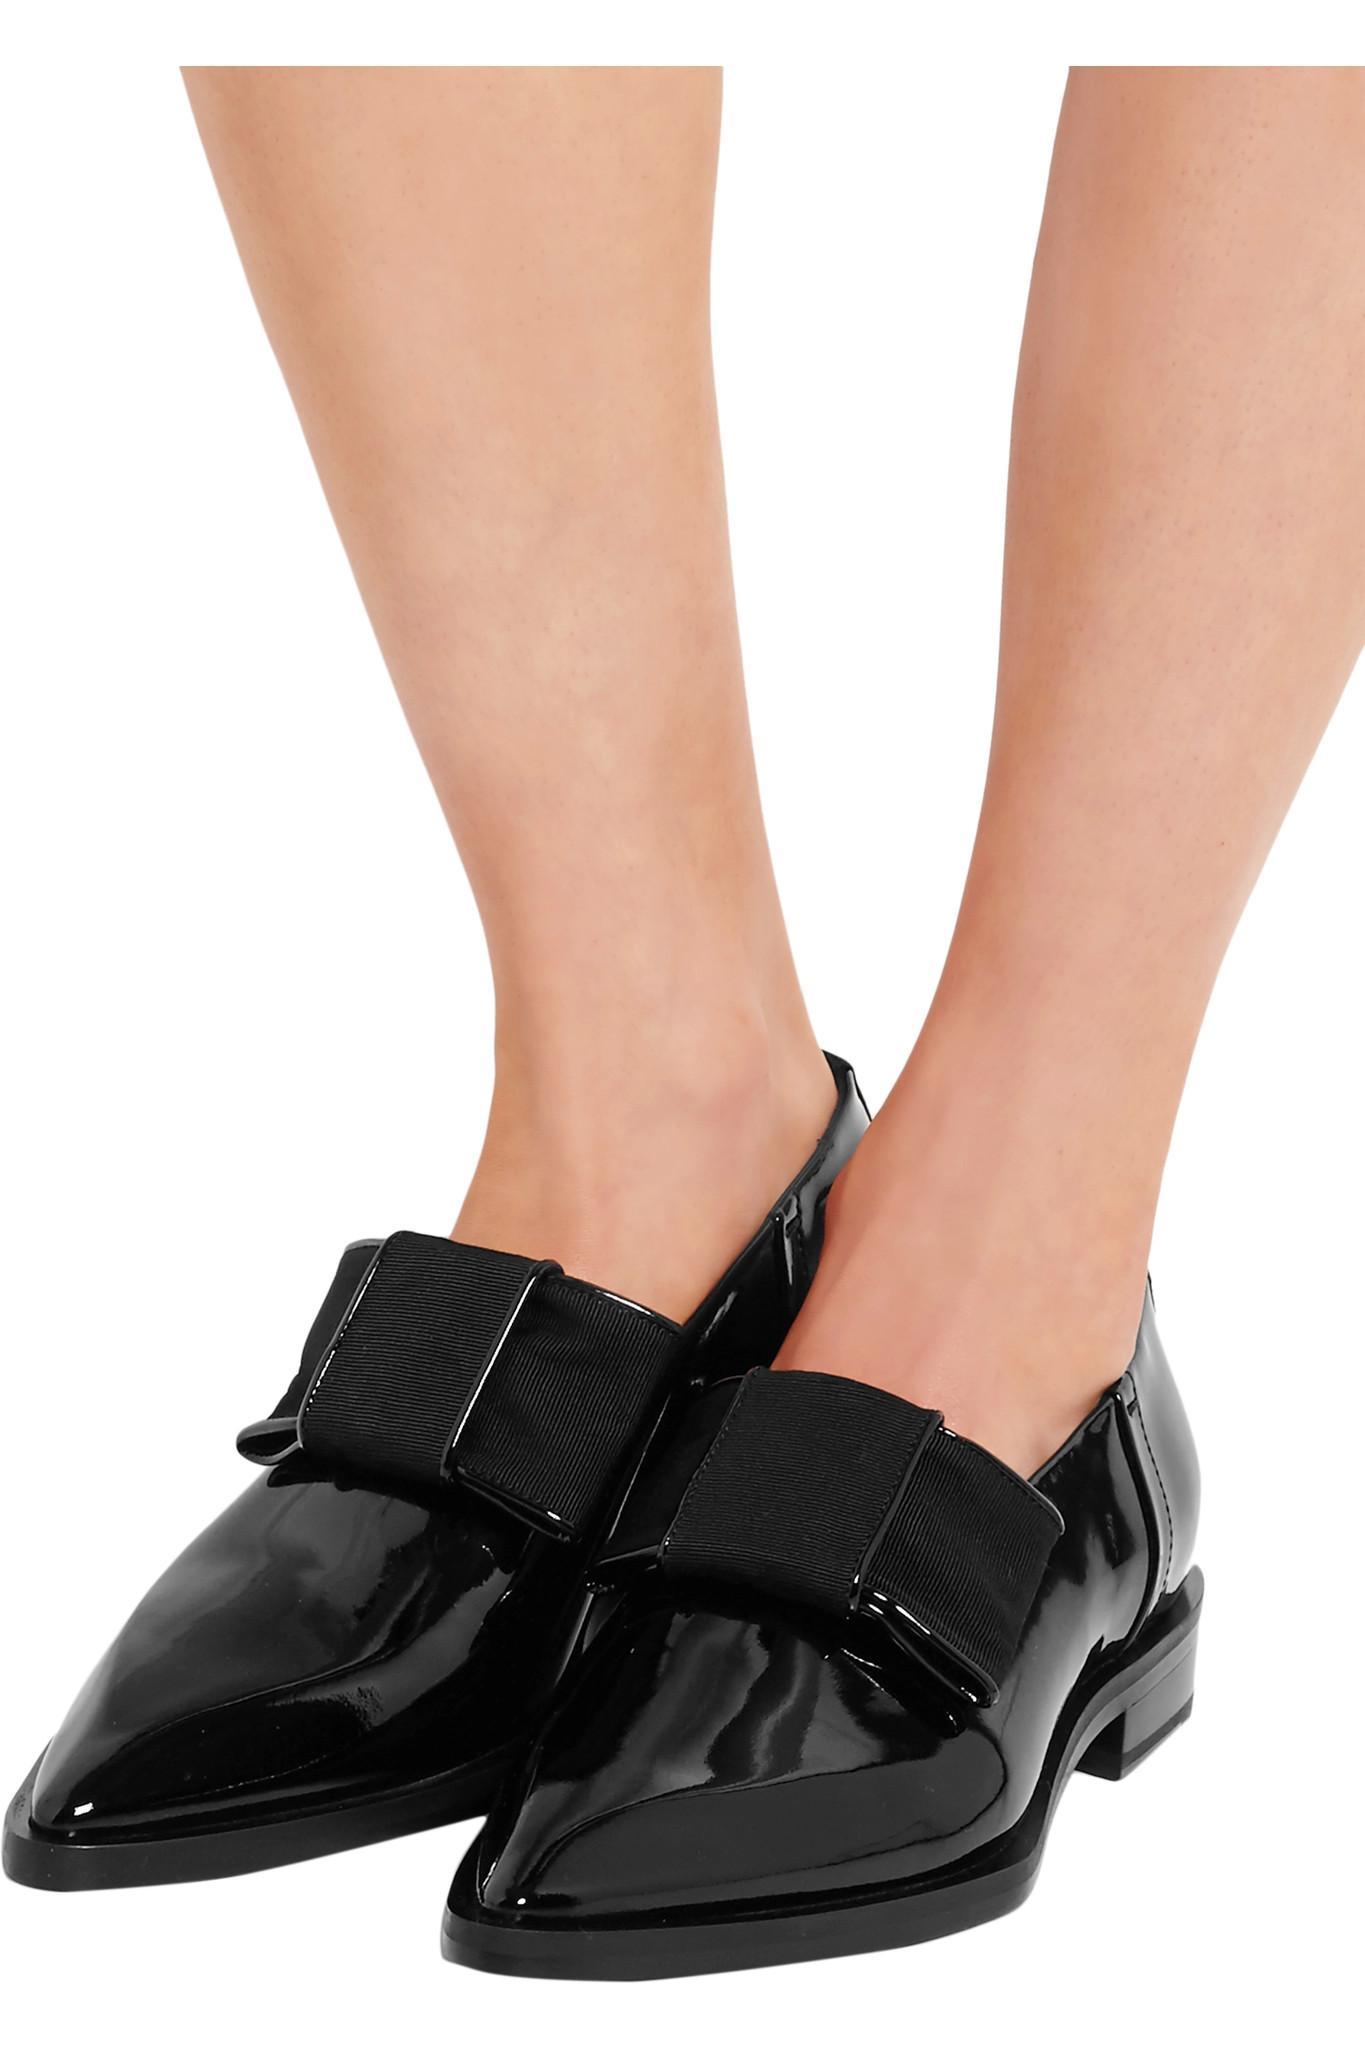 Vera Wang Bow Shoes Uk